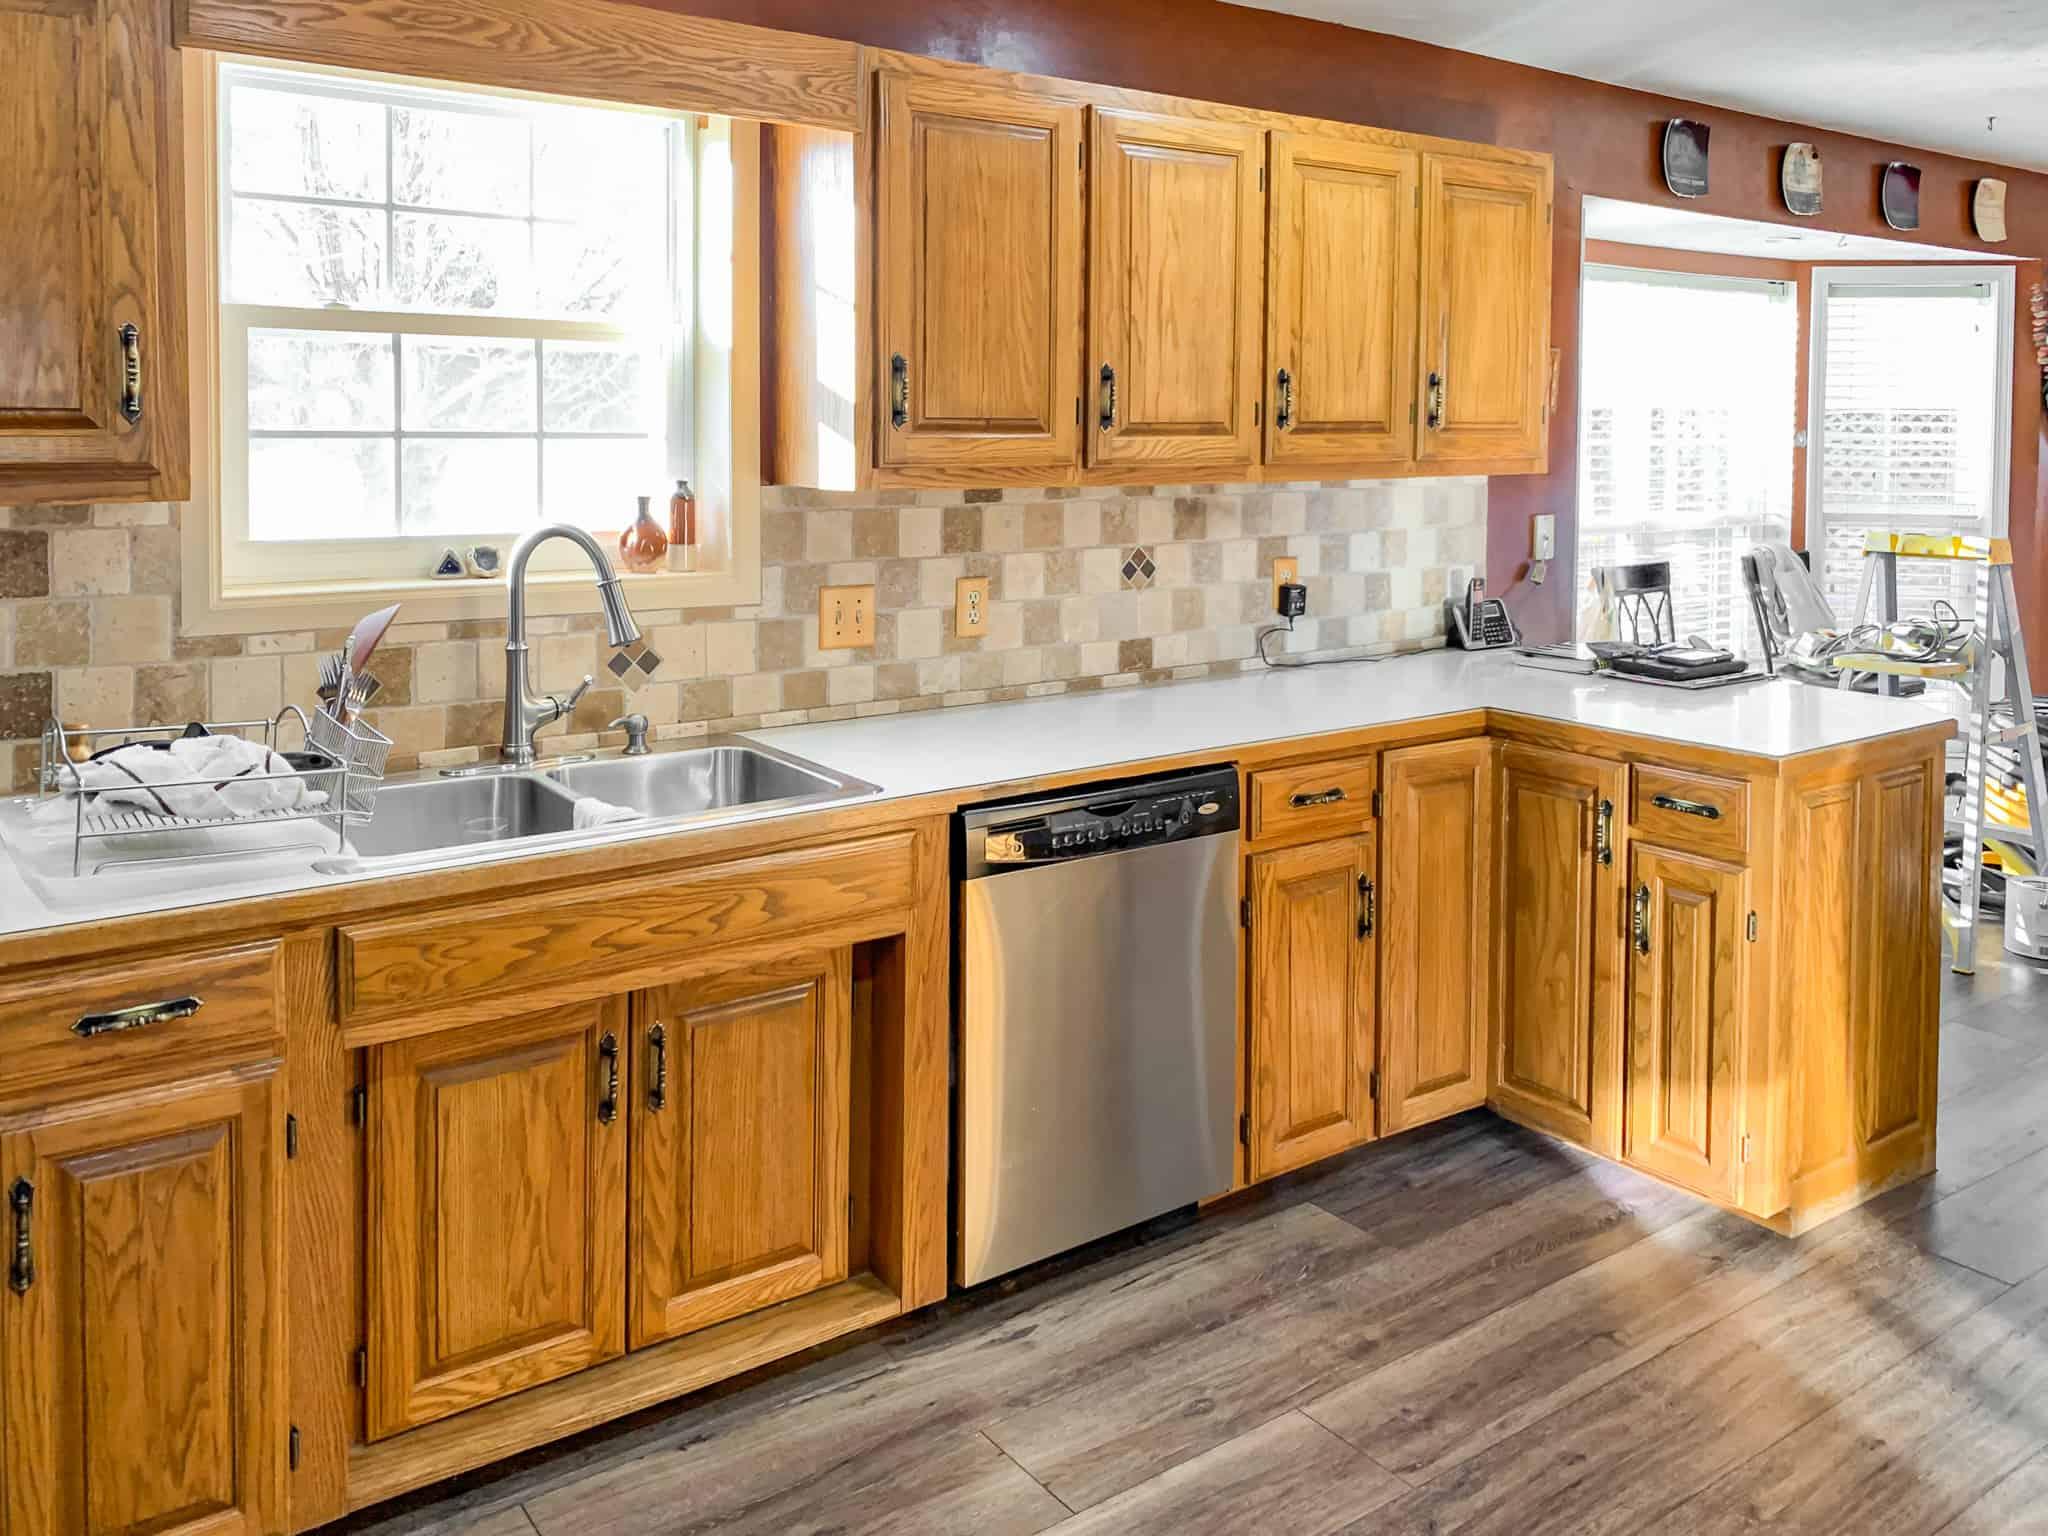 Honey Oak Kitchen Cabinets 06 Painted By Kayla Payne